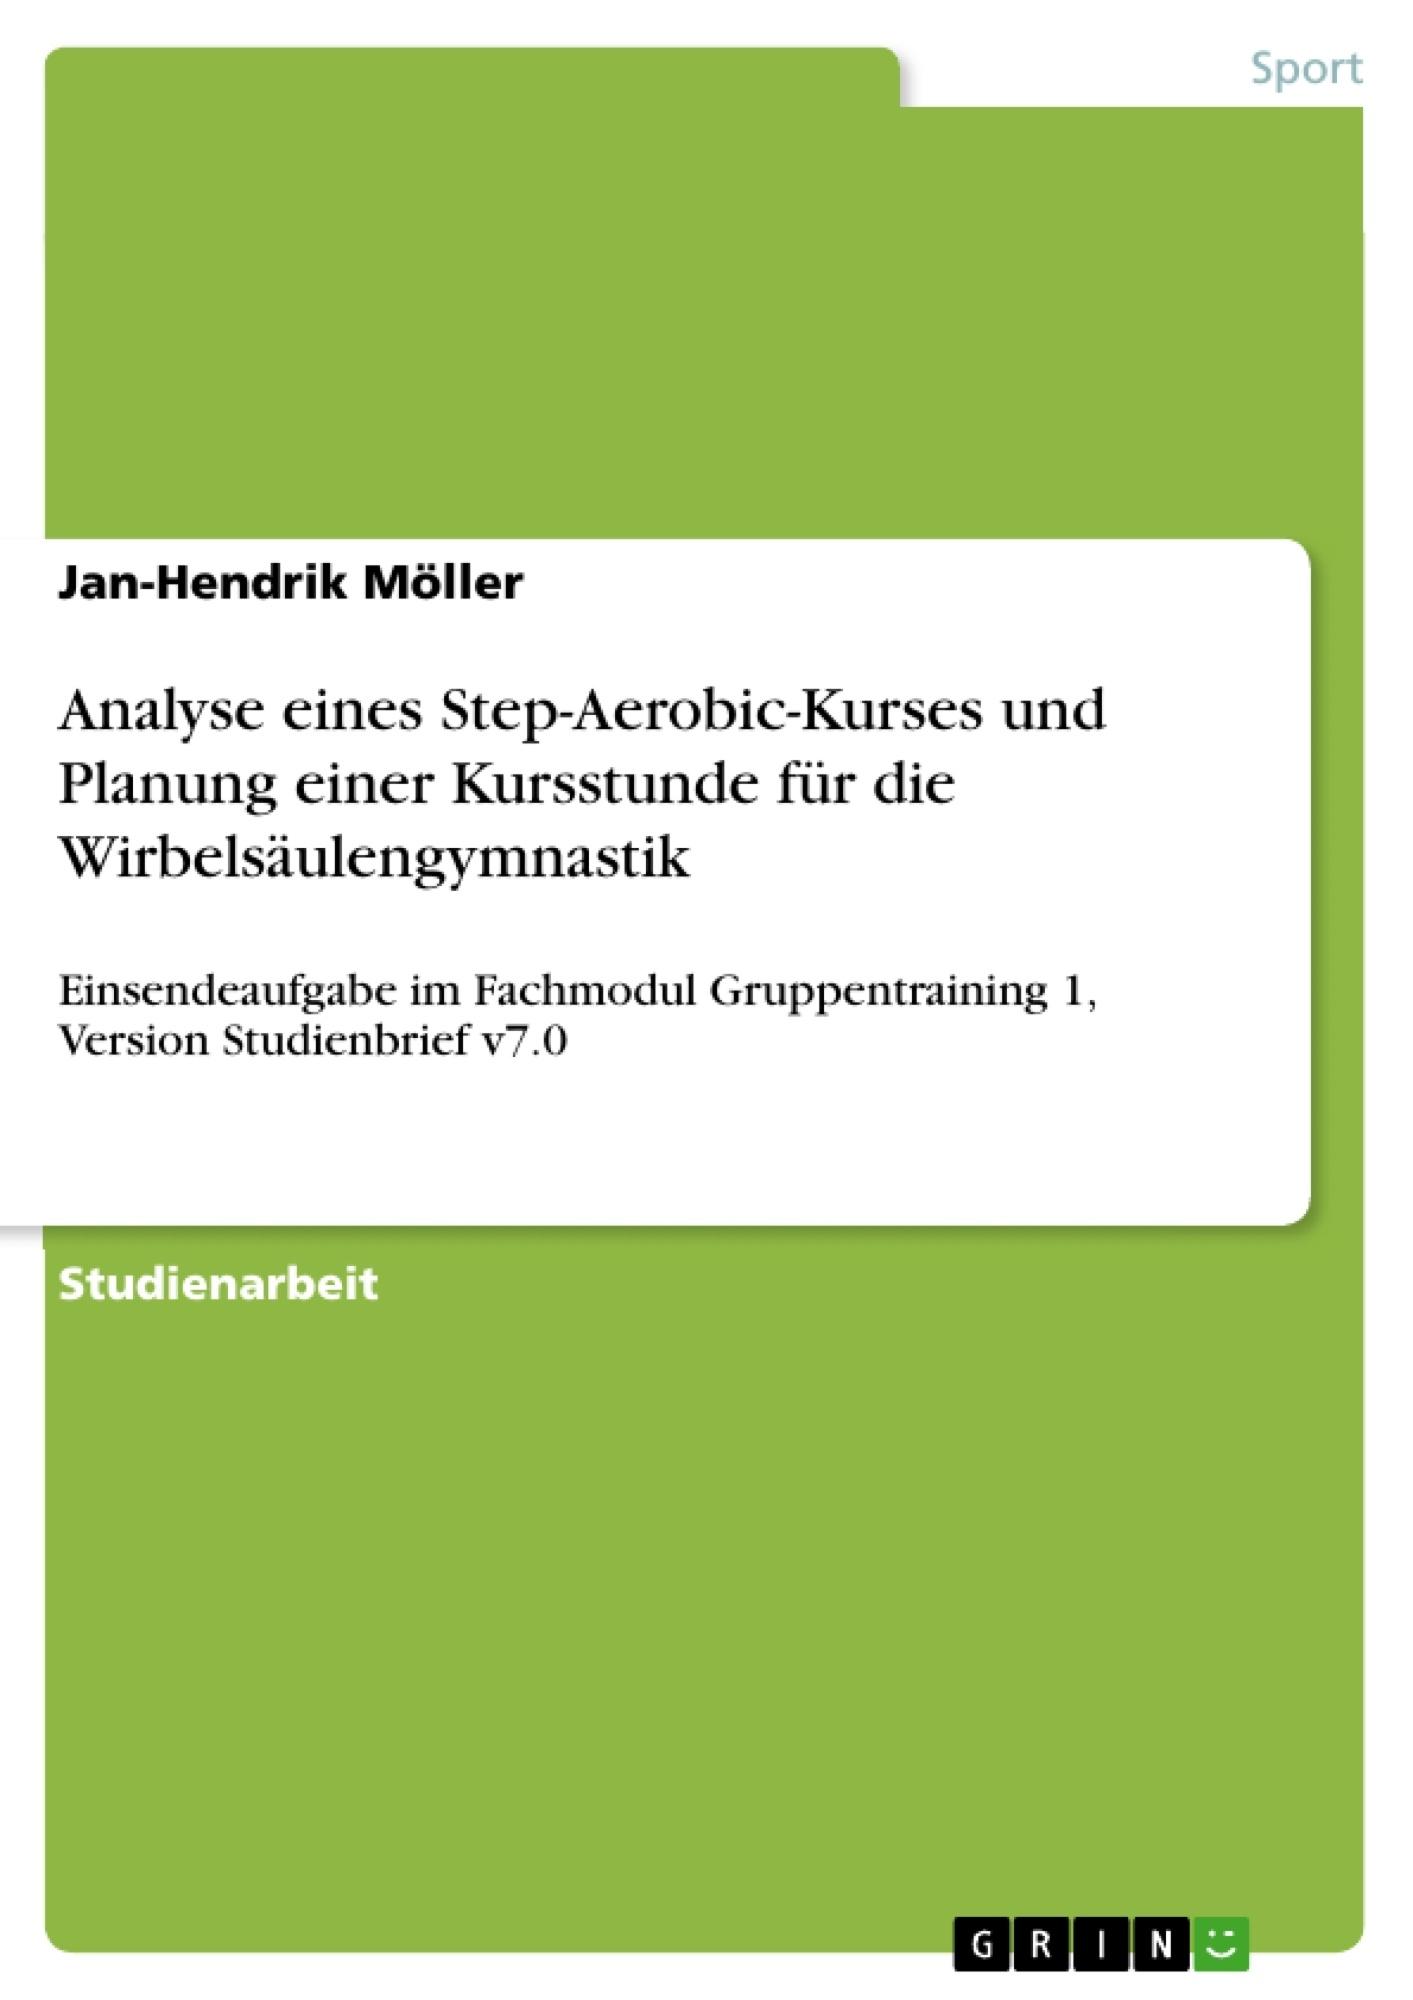 Titel: Analyse eines Step-Aerobic-Kurses und Planung einer Kursstunde für die Wirbelsäulengymnastik